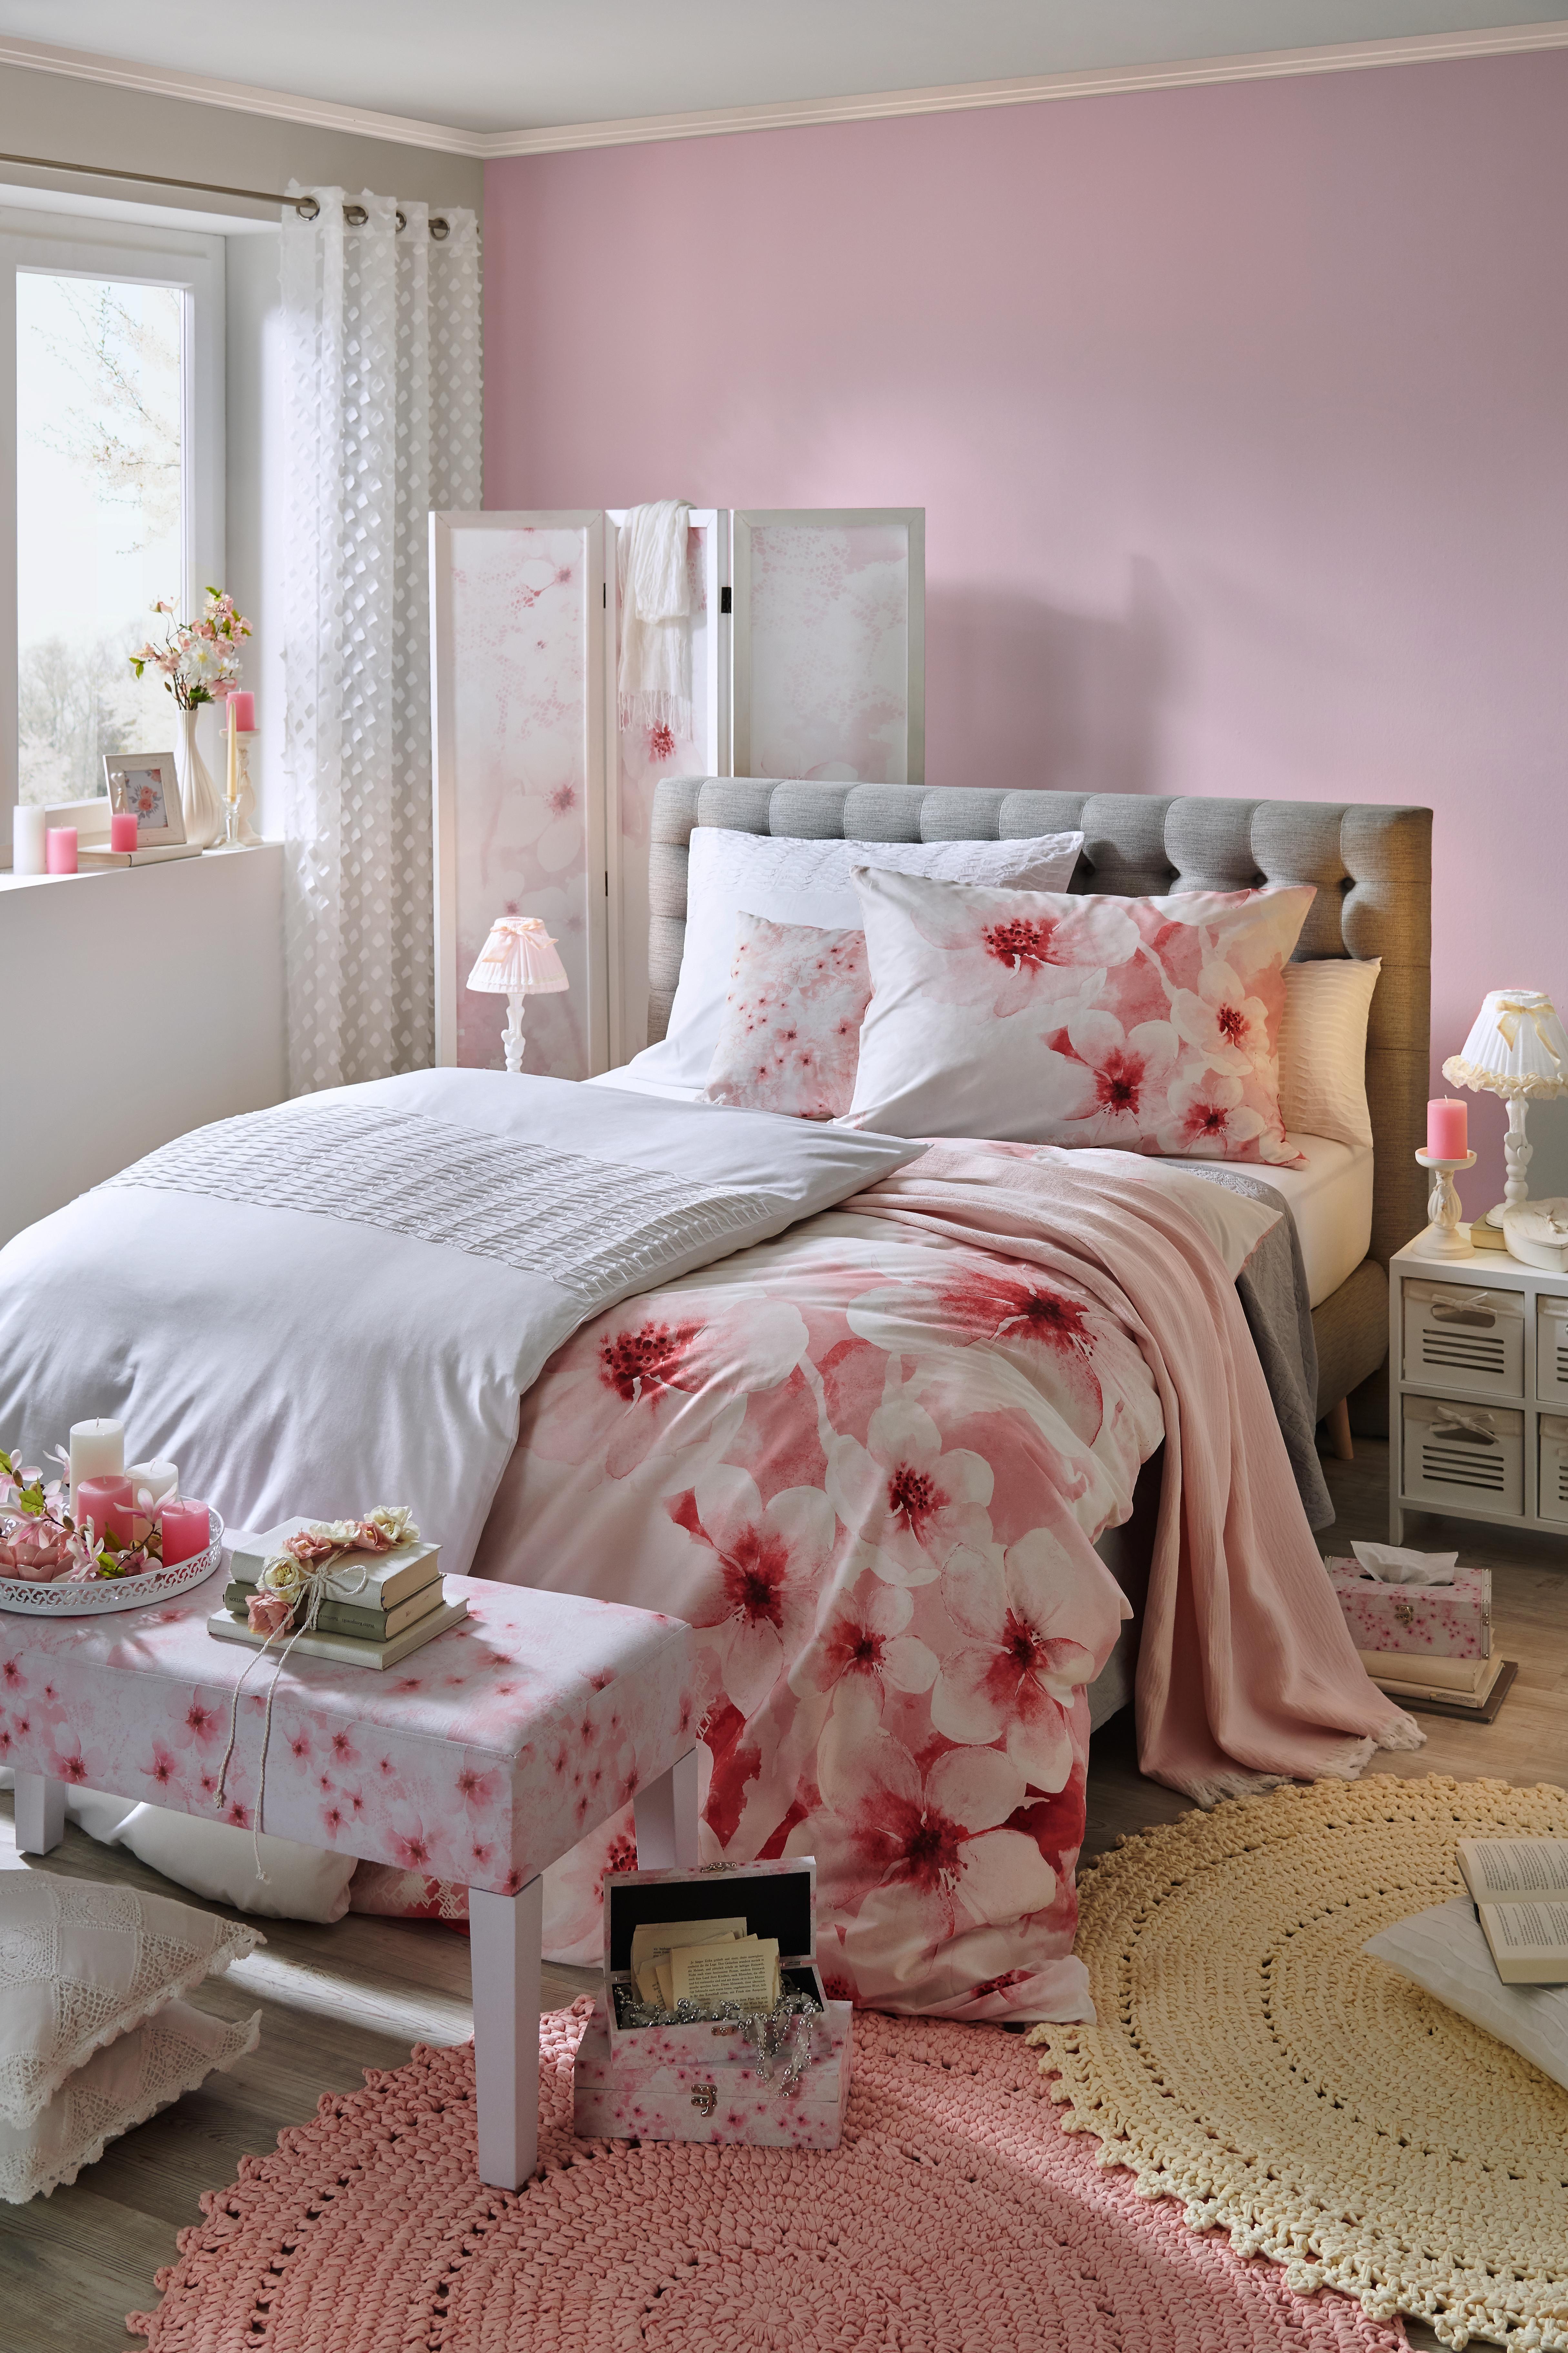 Schlafzimmer mit Boxspringbett und Accessoires im rosa ...